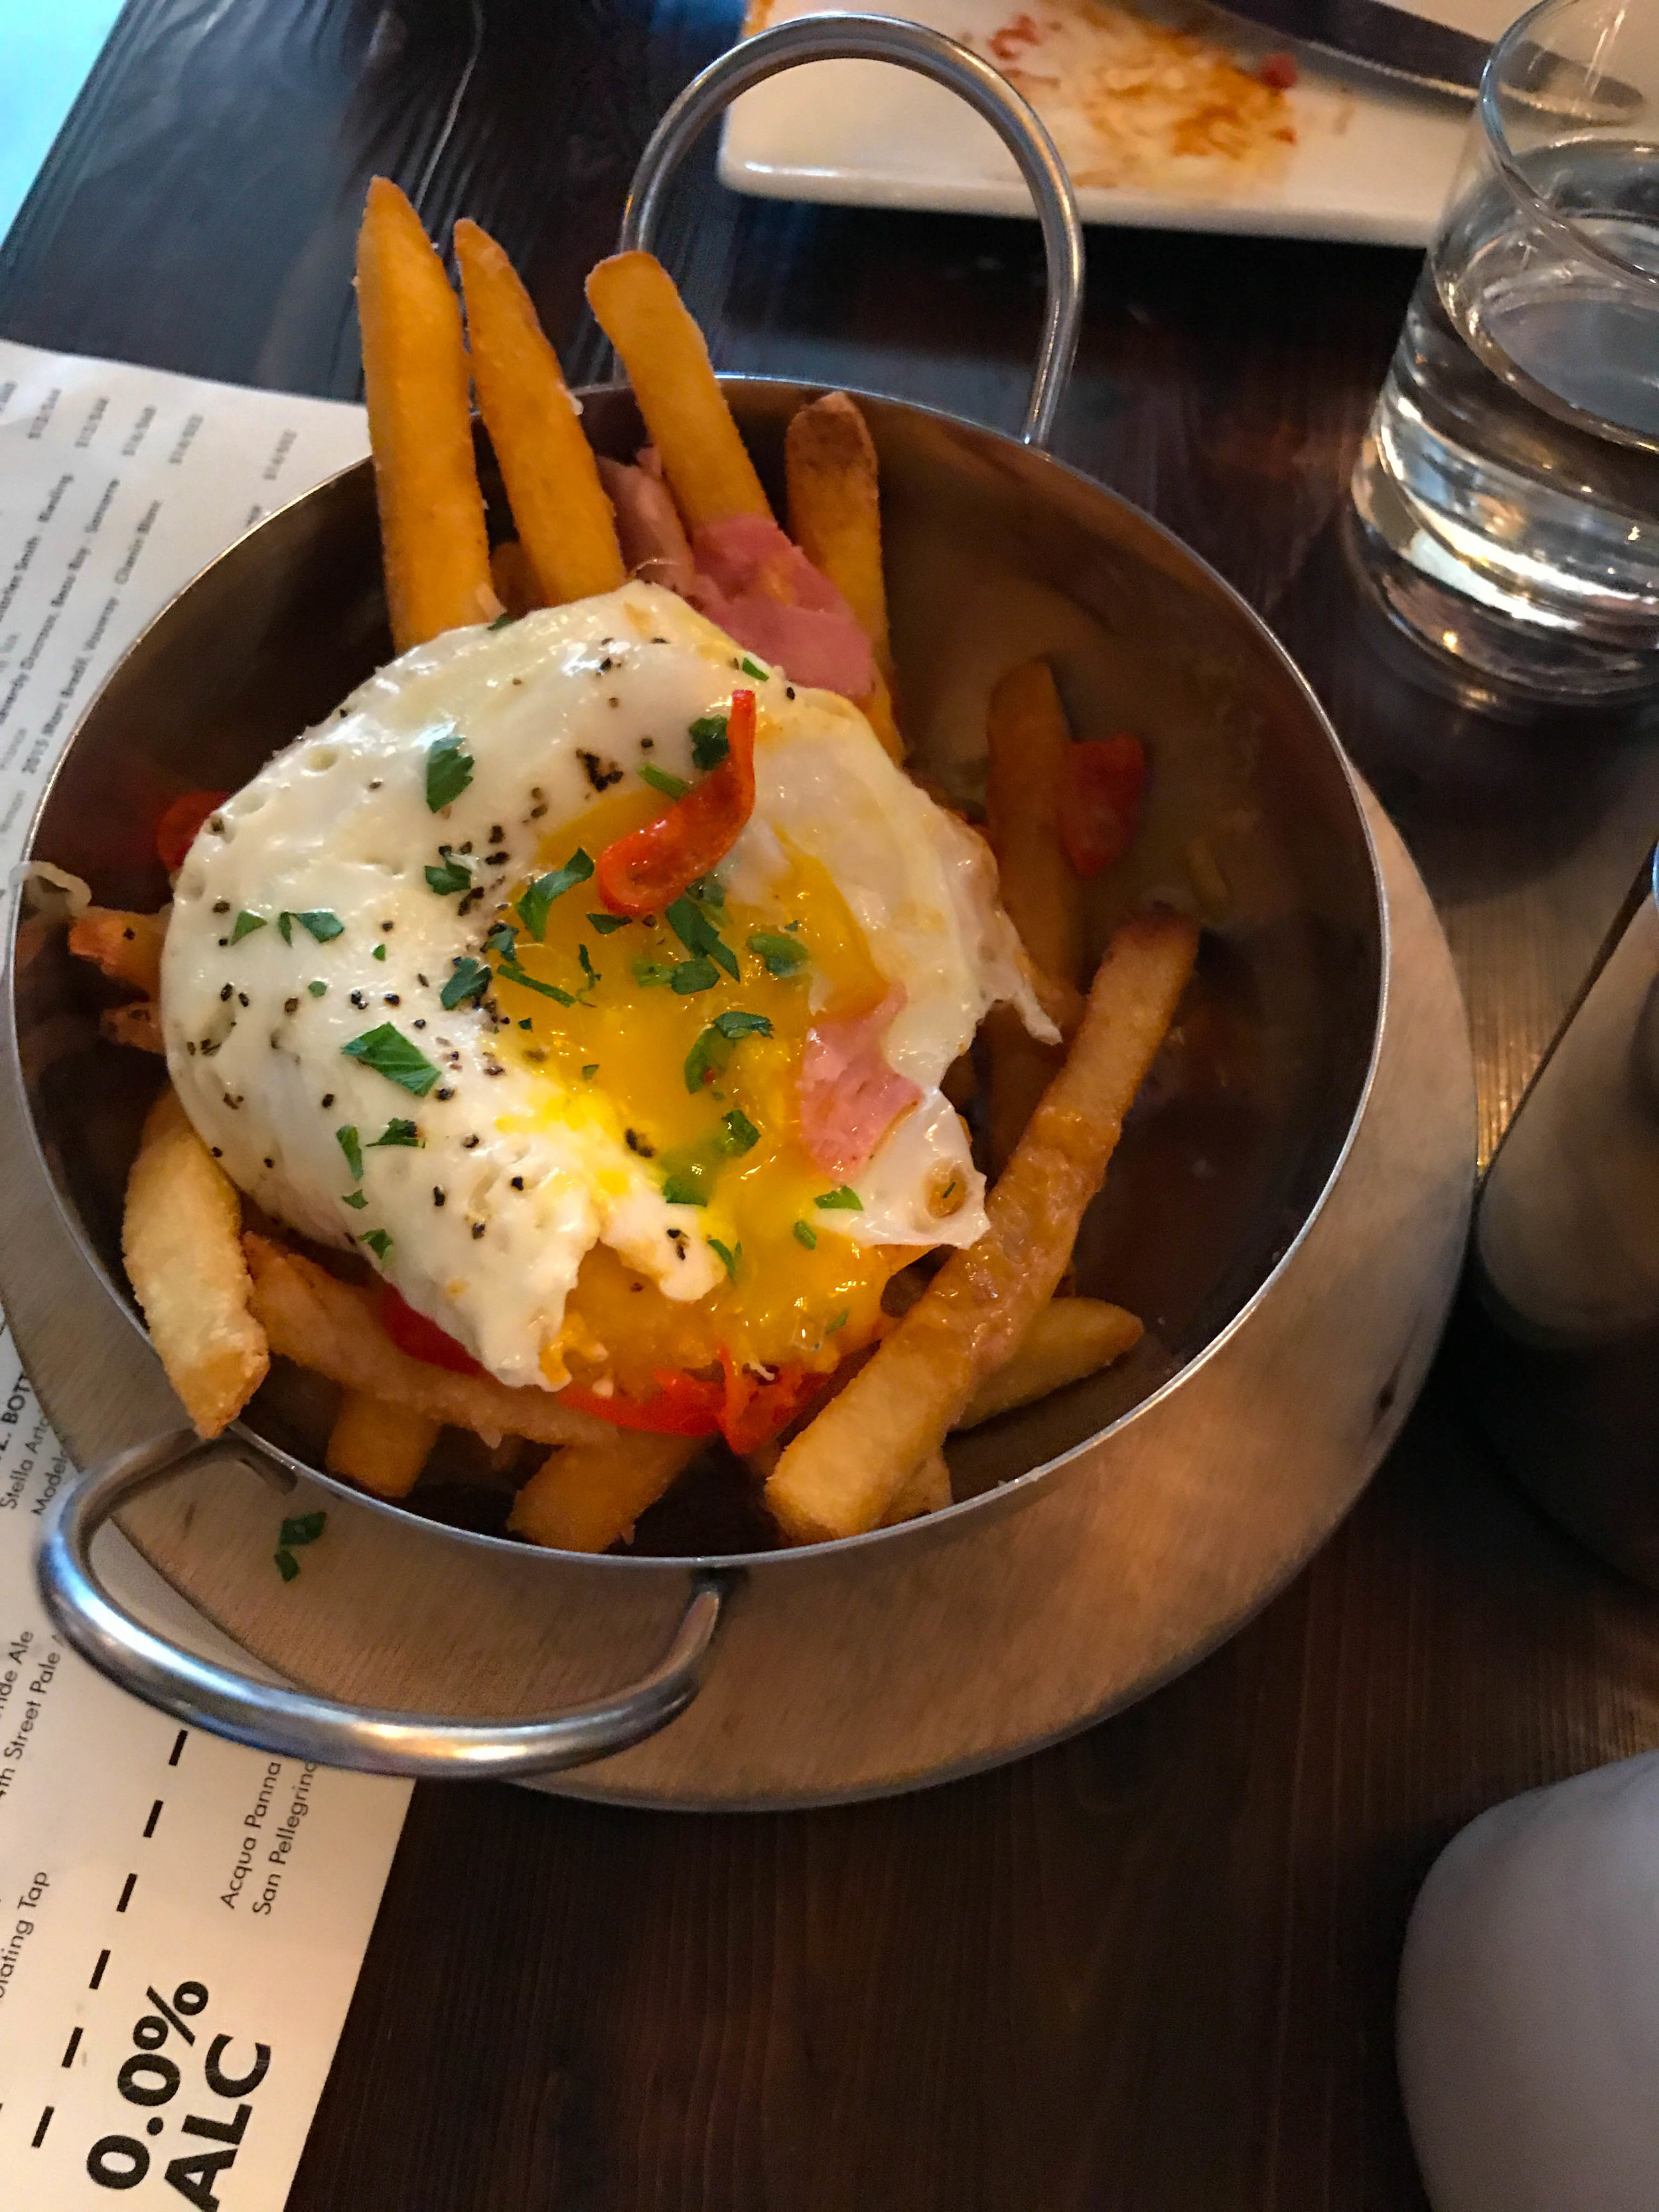 Nighthawk Breakfast Bar